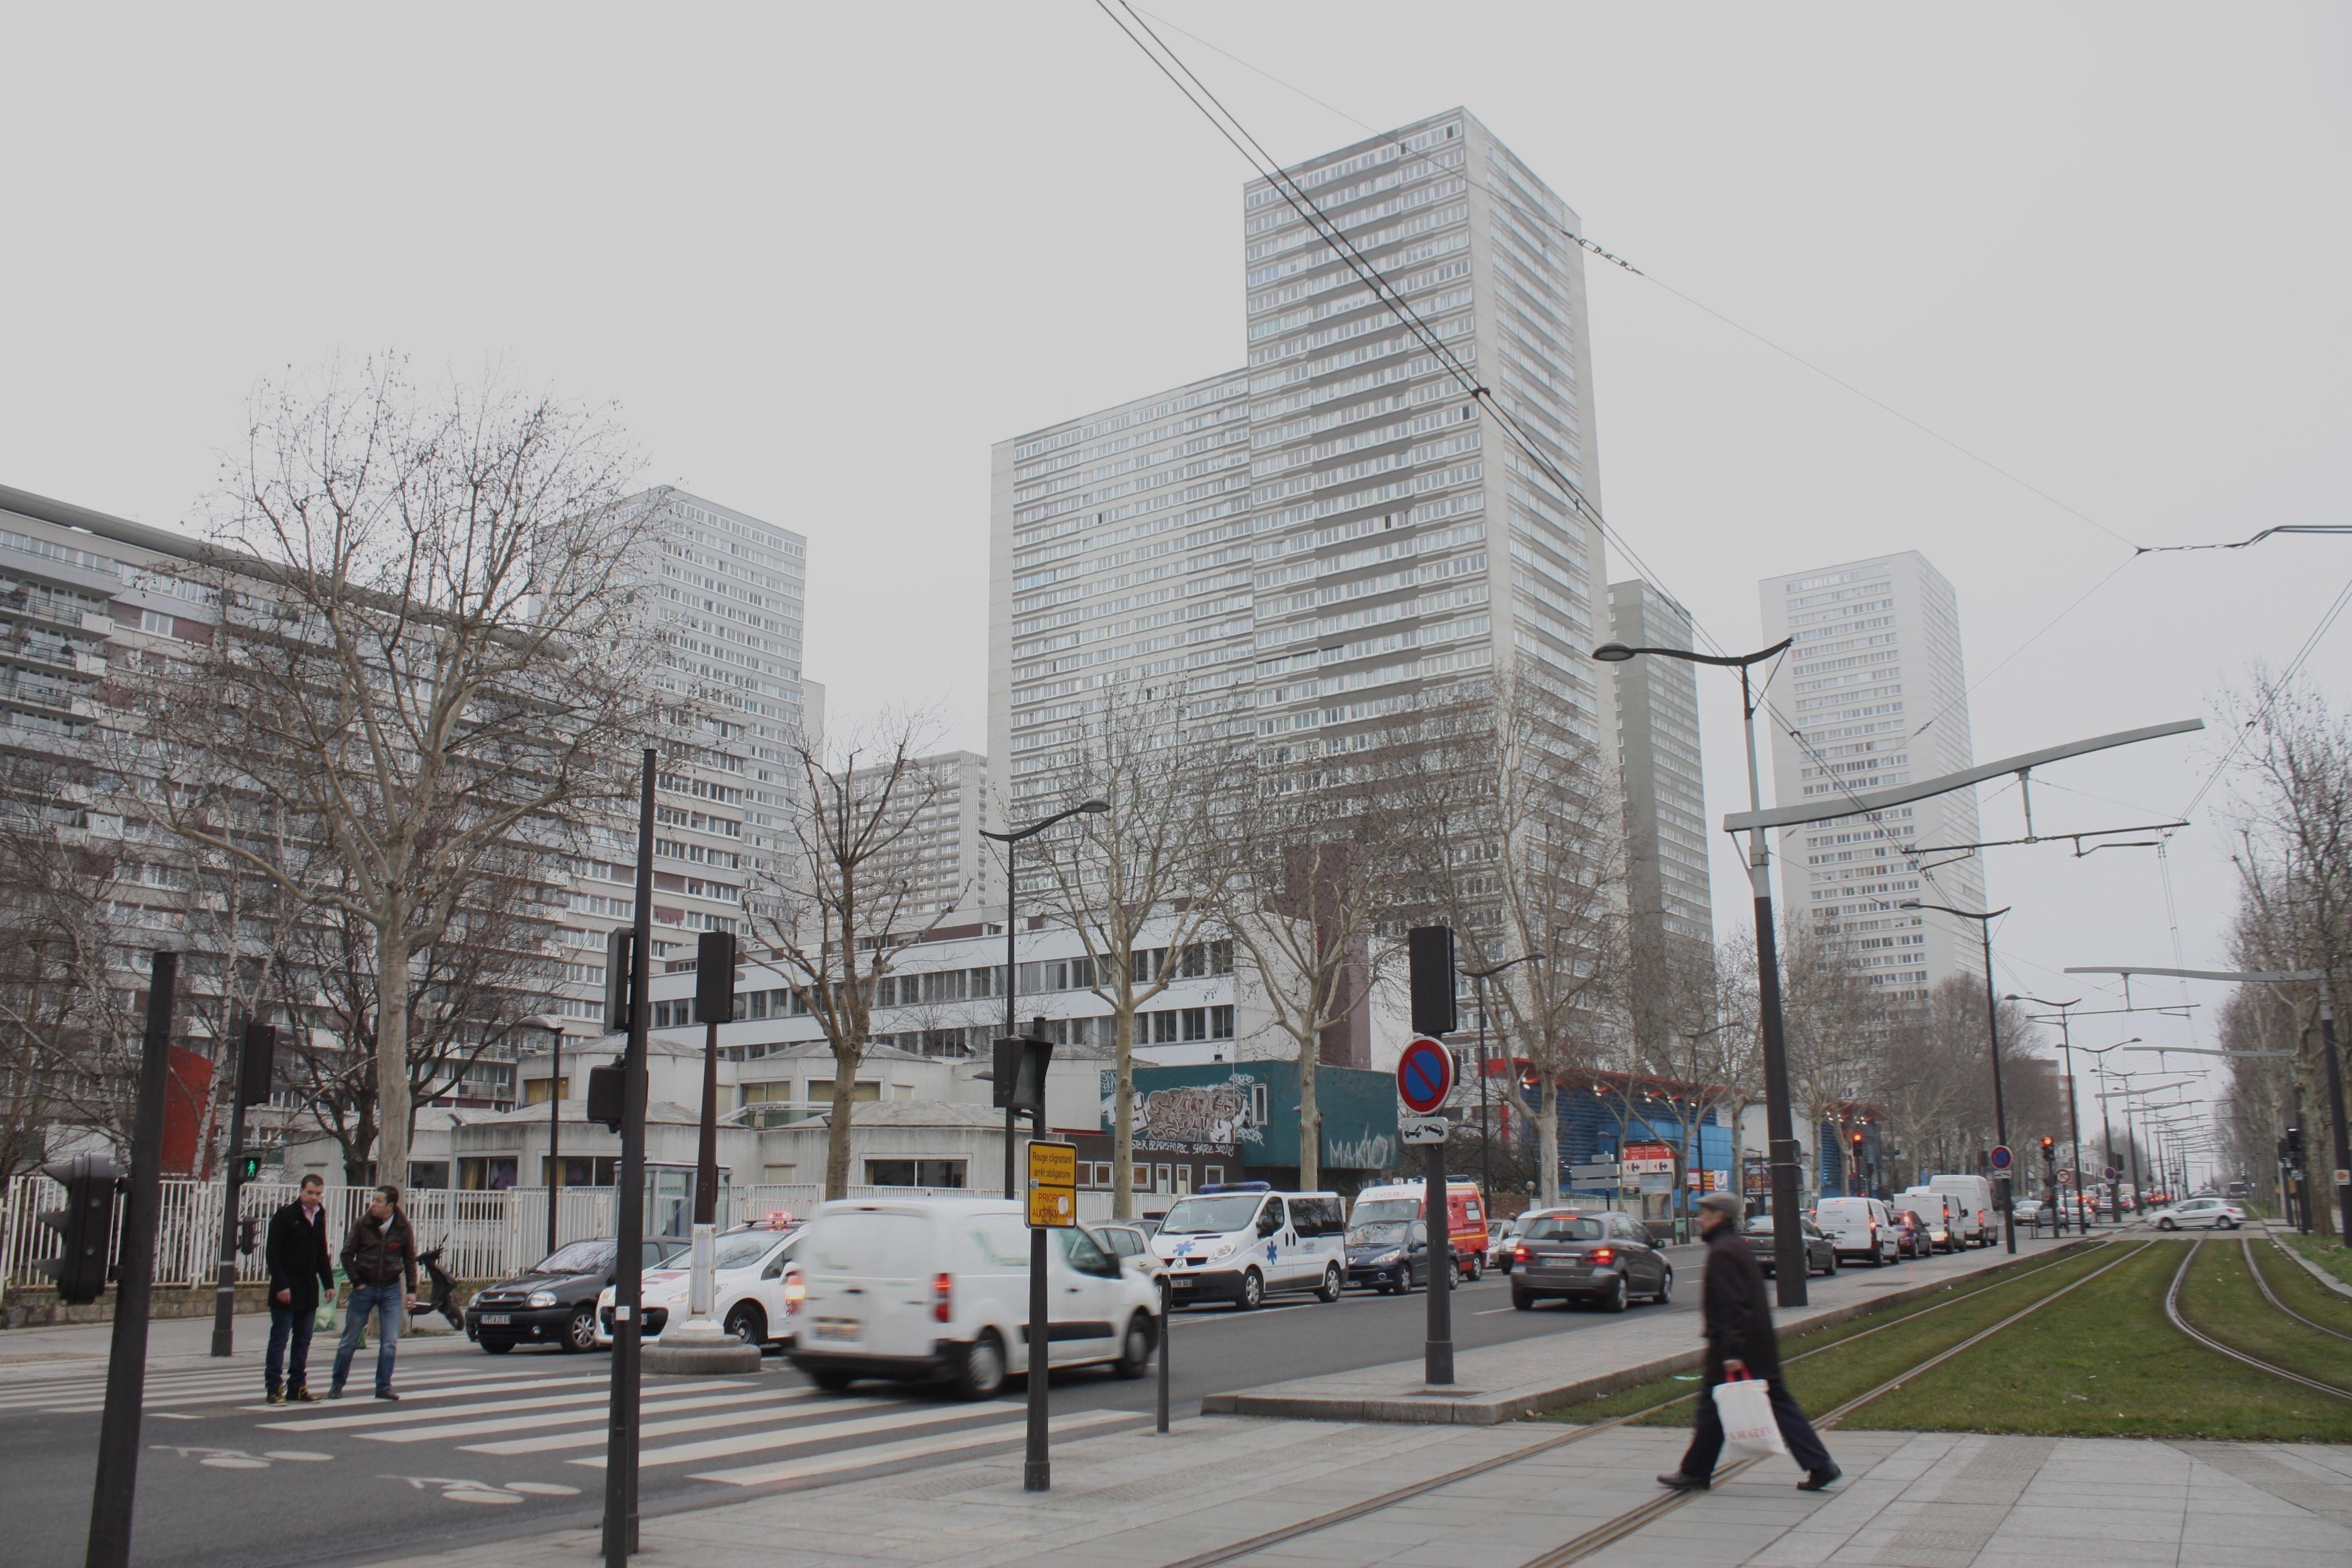 avenue de choisy 13 232 me cote